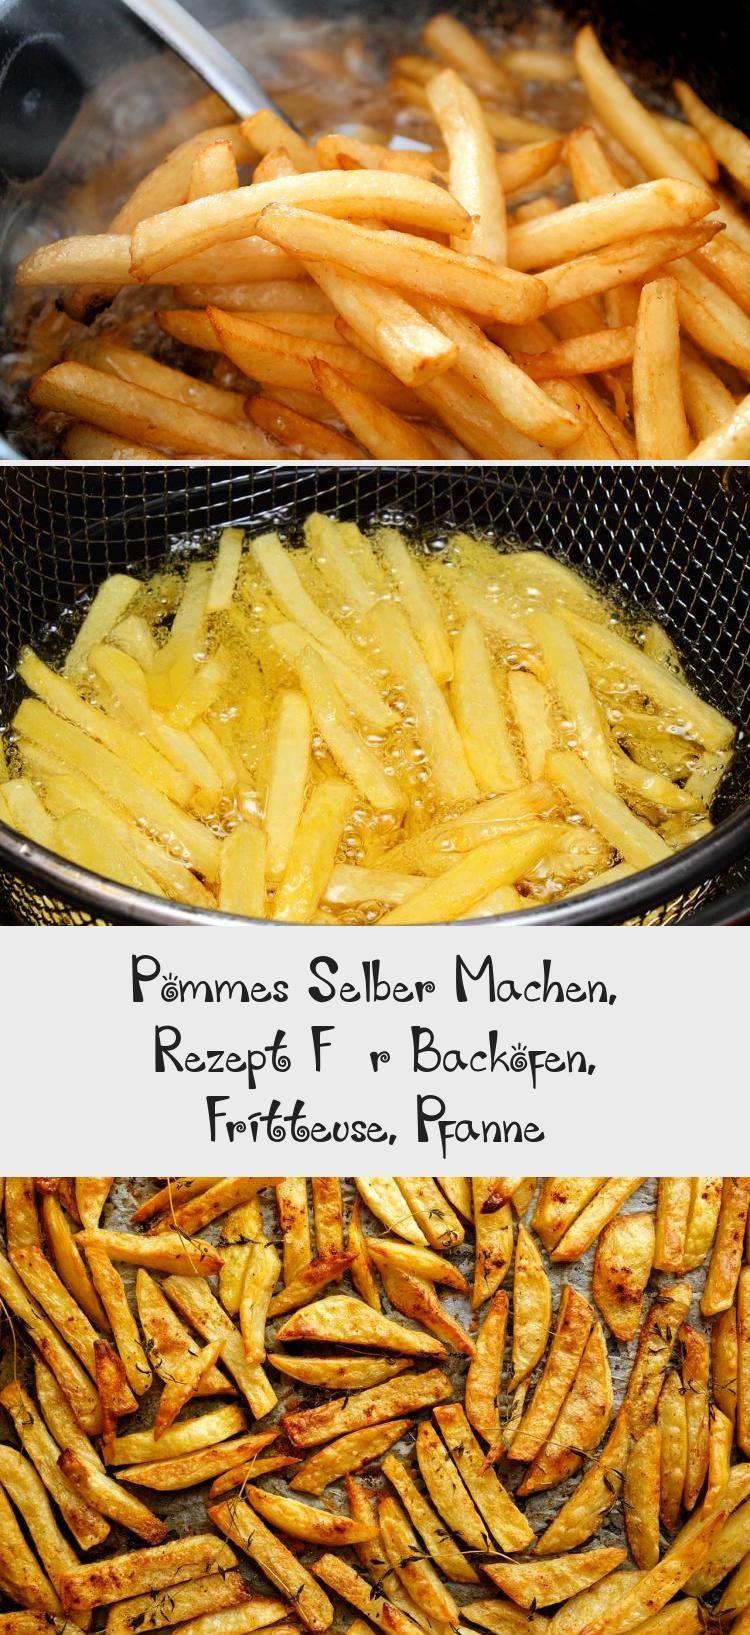 Pommes Selber Machen, Rezept Für Backofen, Fritteuse, Pfanne #pommesselbermachenofen